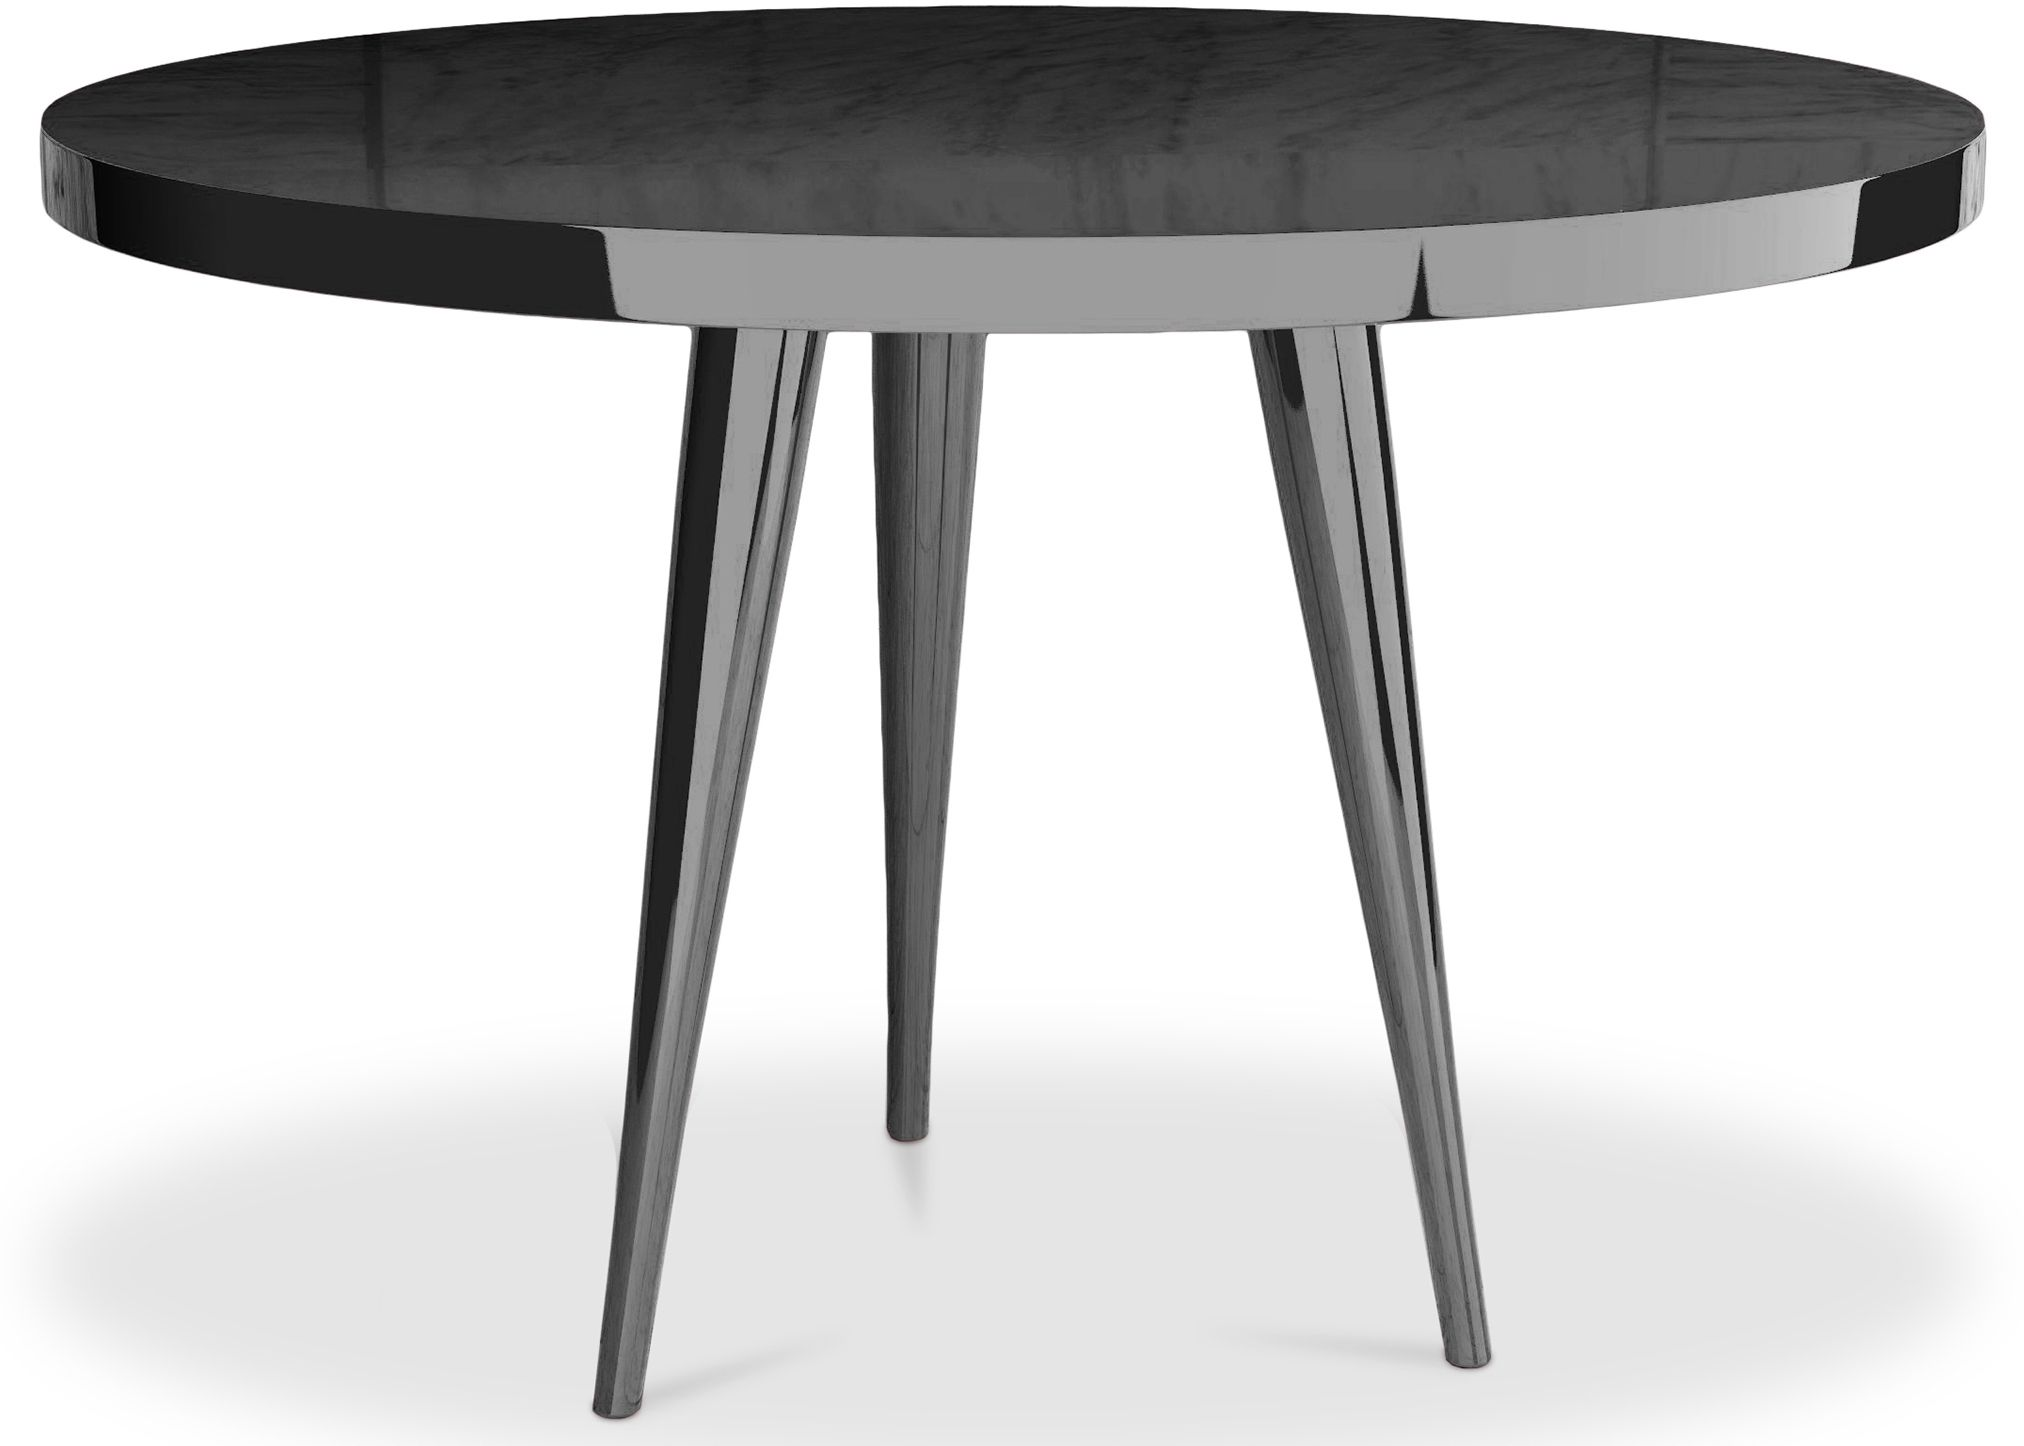 cette splendide table ronde de couleur noir est faite en bois